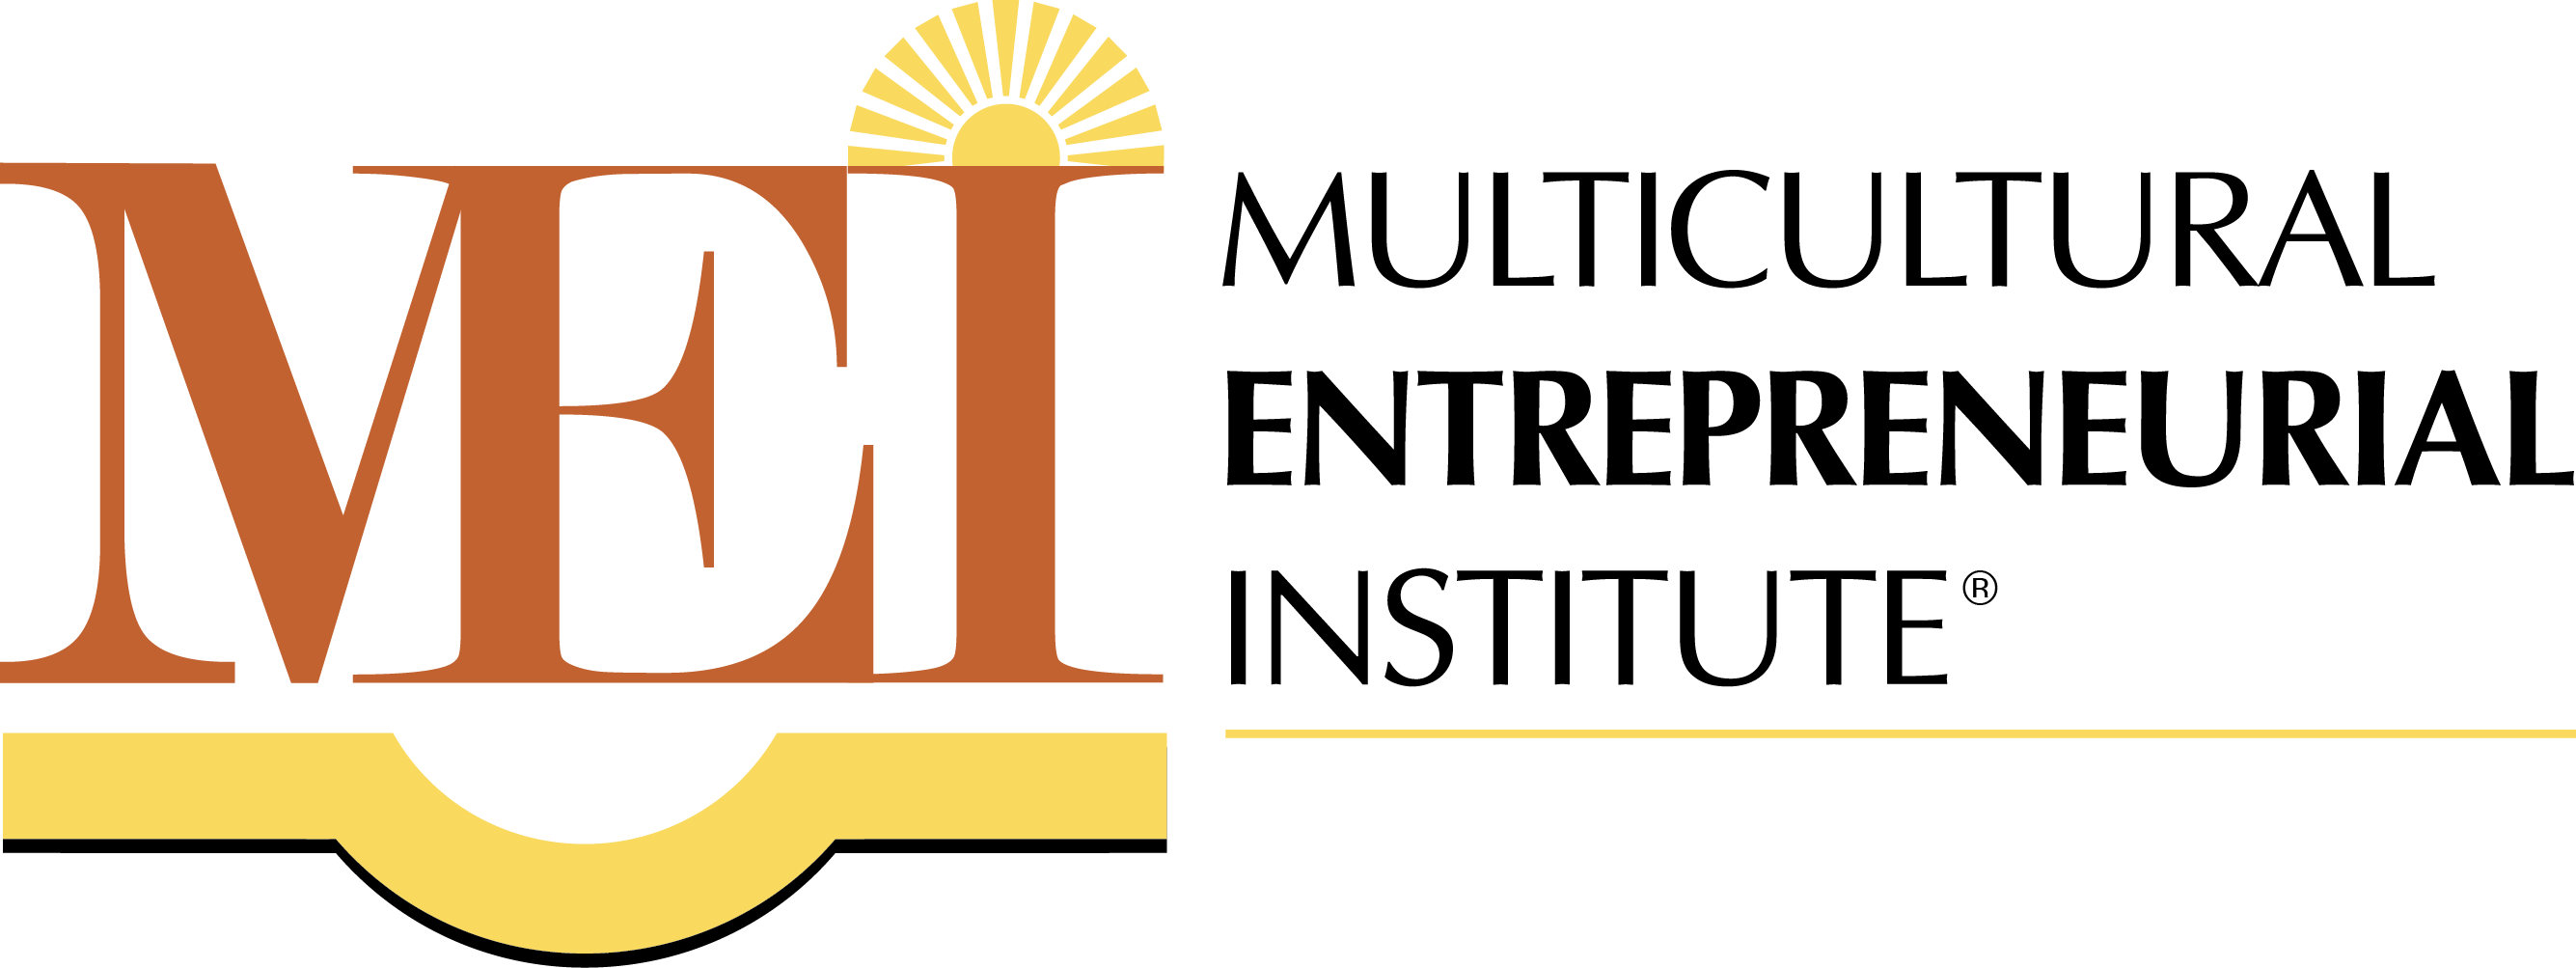 Multicultural Entrepreneurship Institute, Inc. MEI Marketing